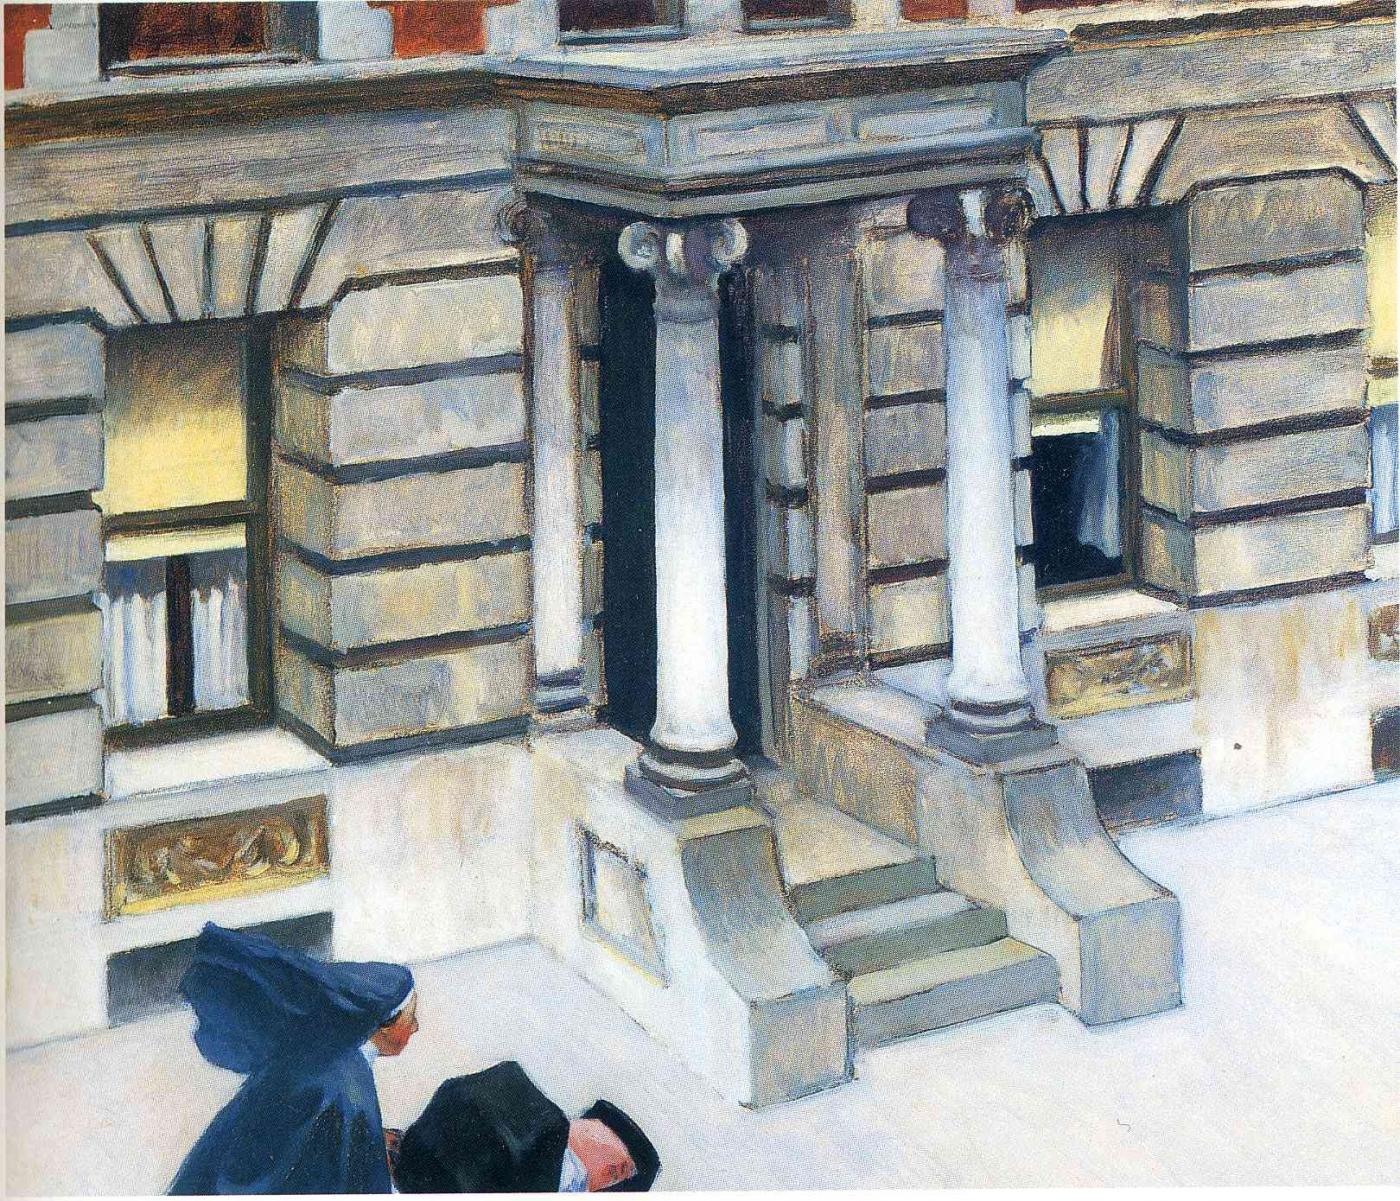 pavimentos de nueva york por Edward Hopper